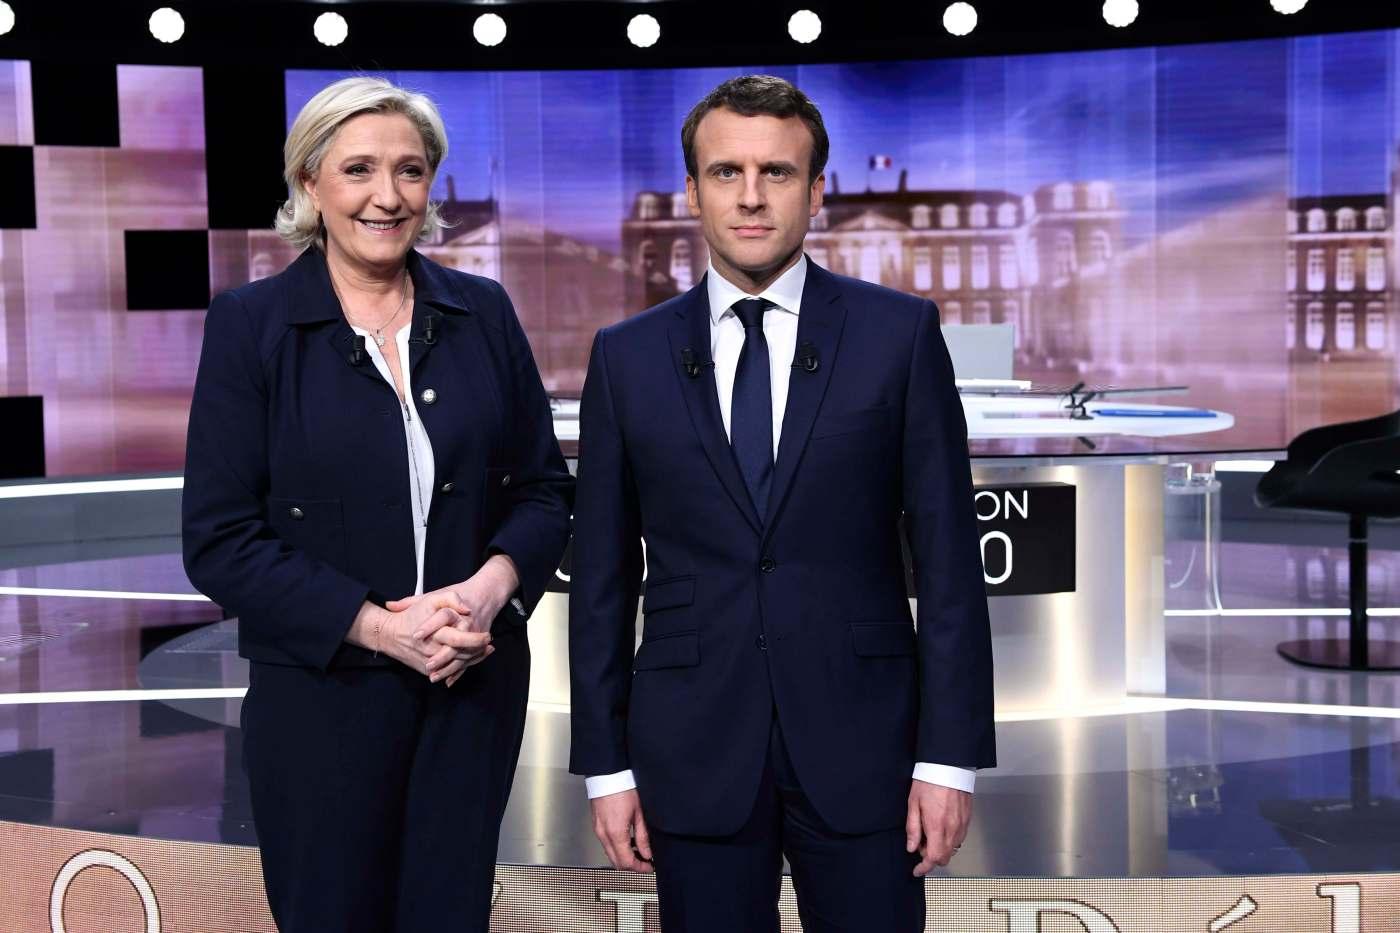 Los candidatos a la presidencia de Francia Emmanuel Macron (d) y Marine Le Pen (i) en el debate. (Reuters)